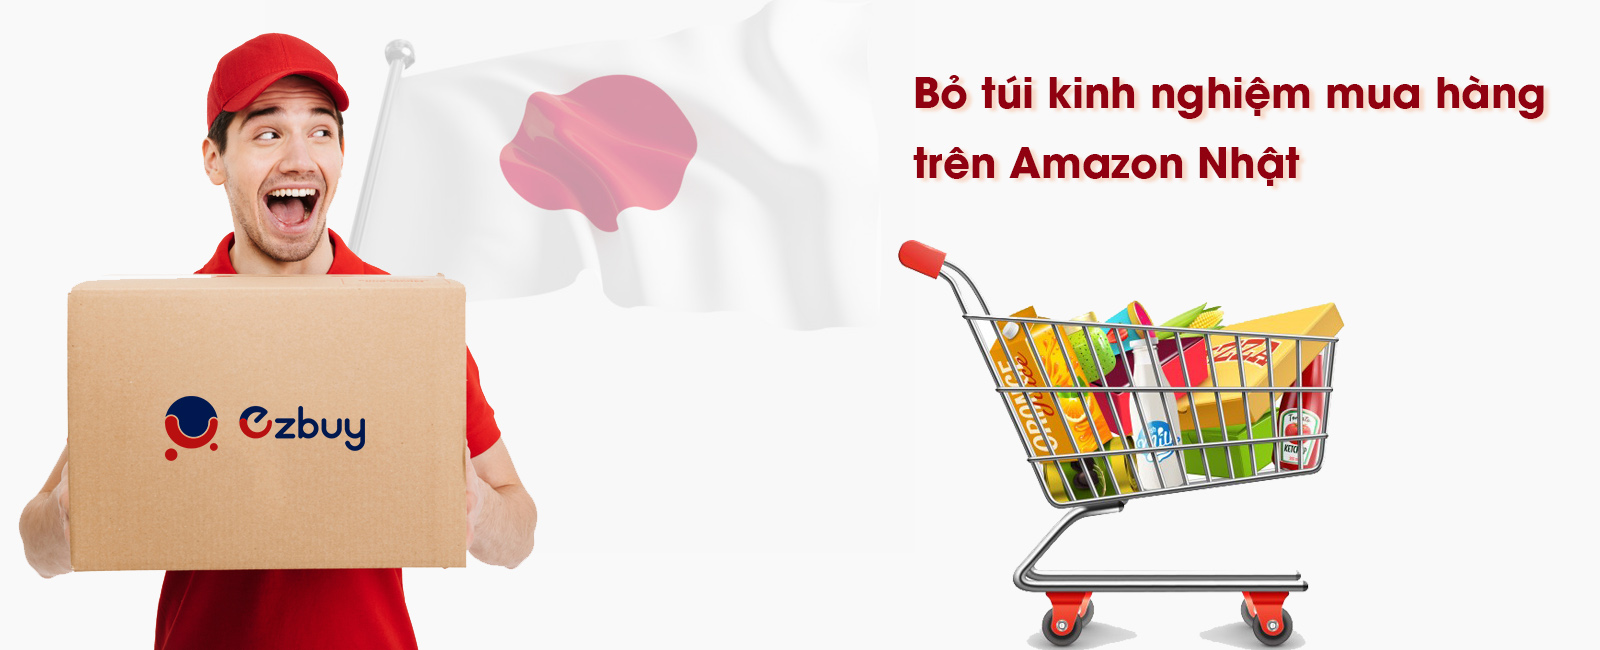 Bỏ túi kinh nghiệm mua hàng trên Amazon Nhật